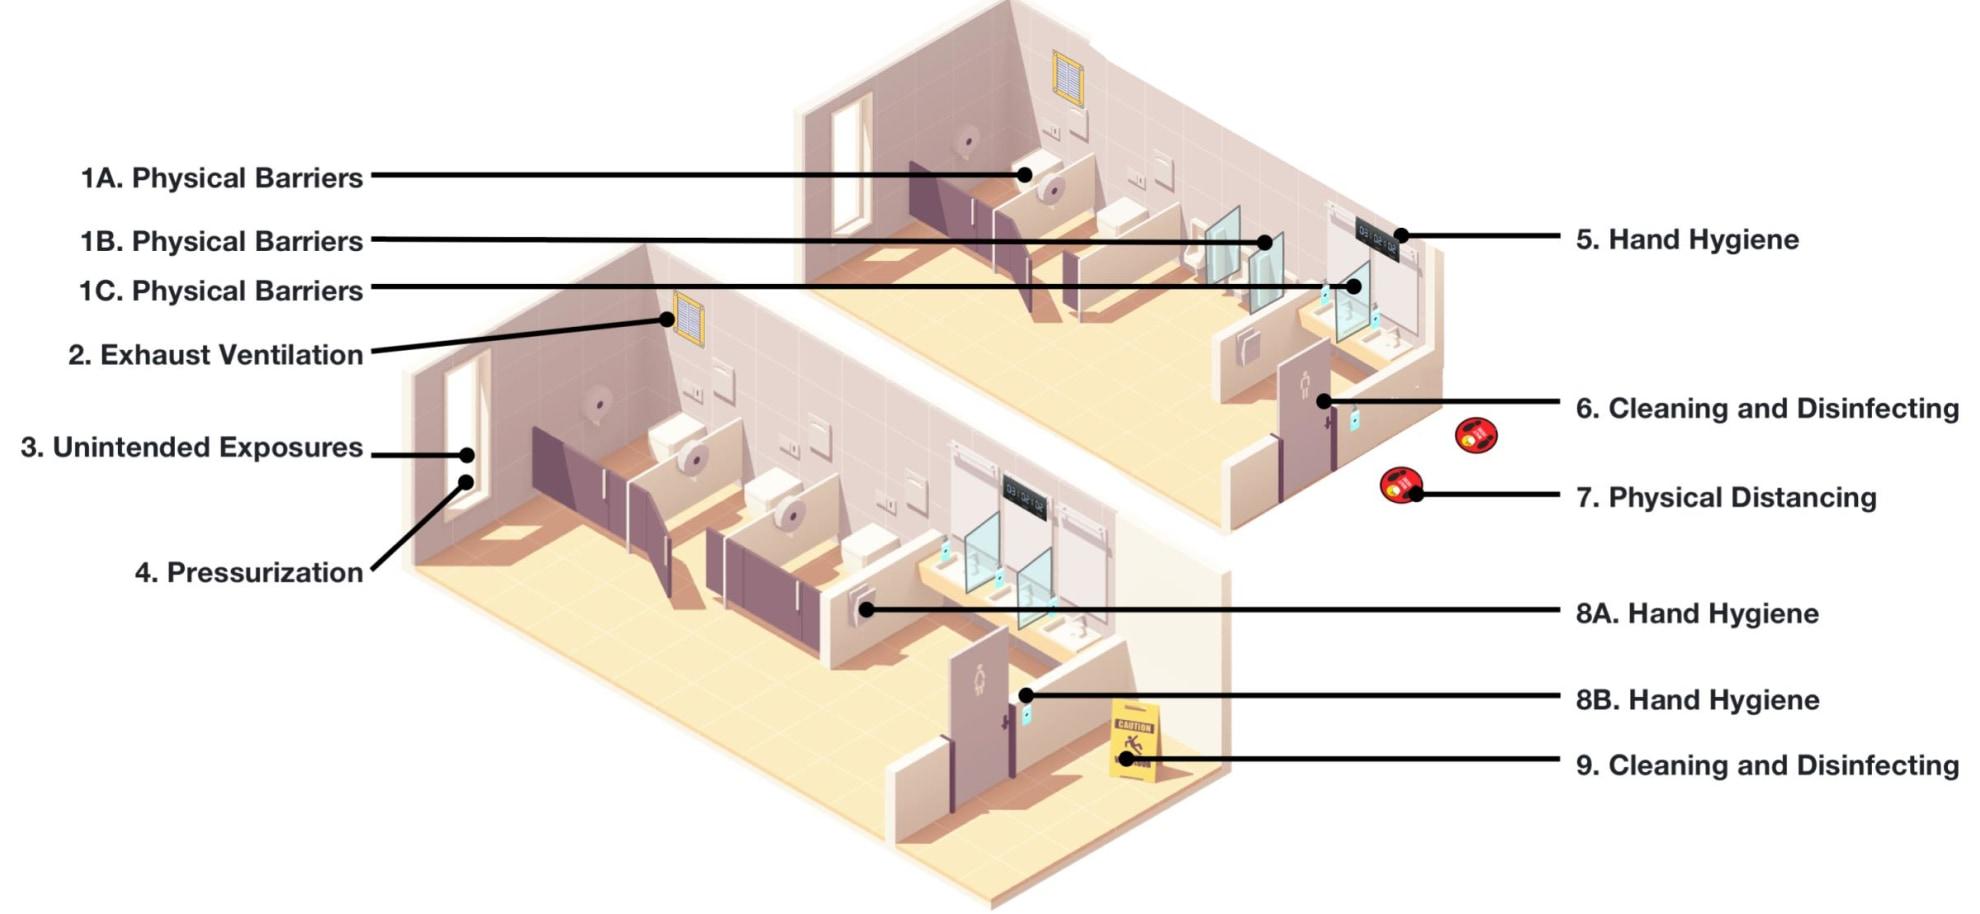 diagram of a school restroom